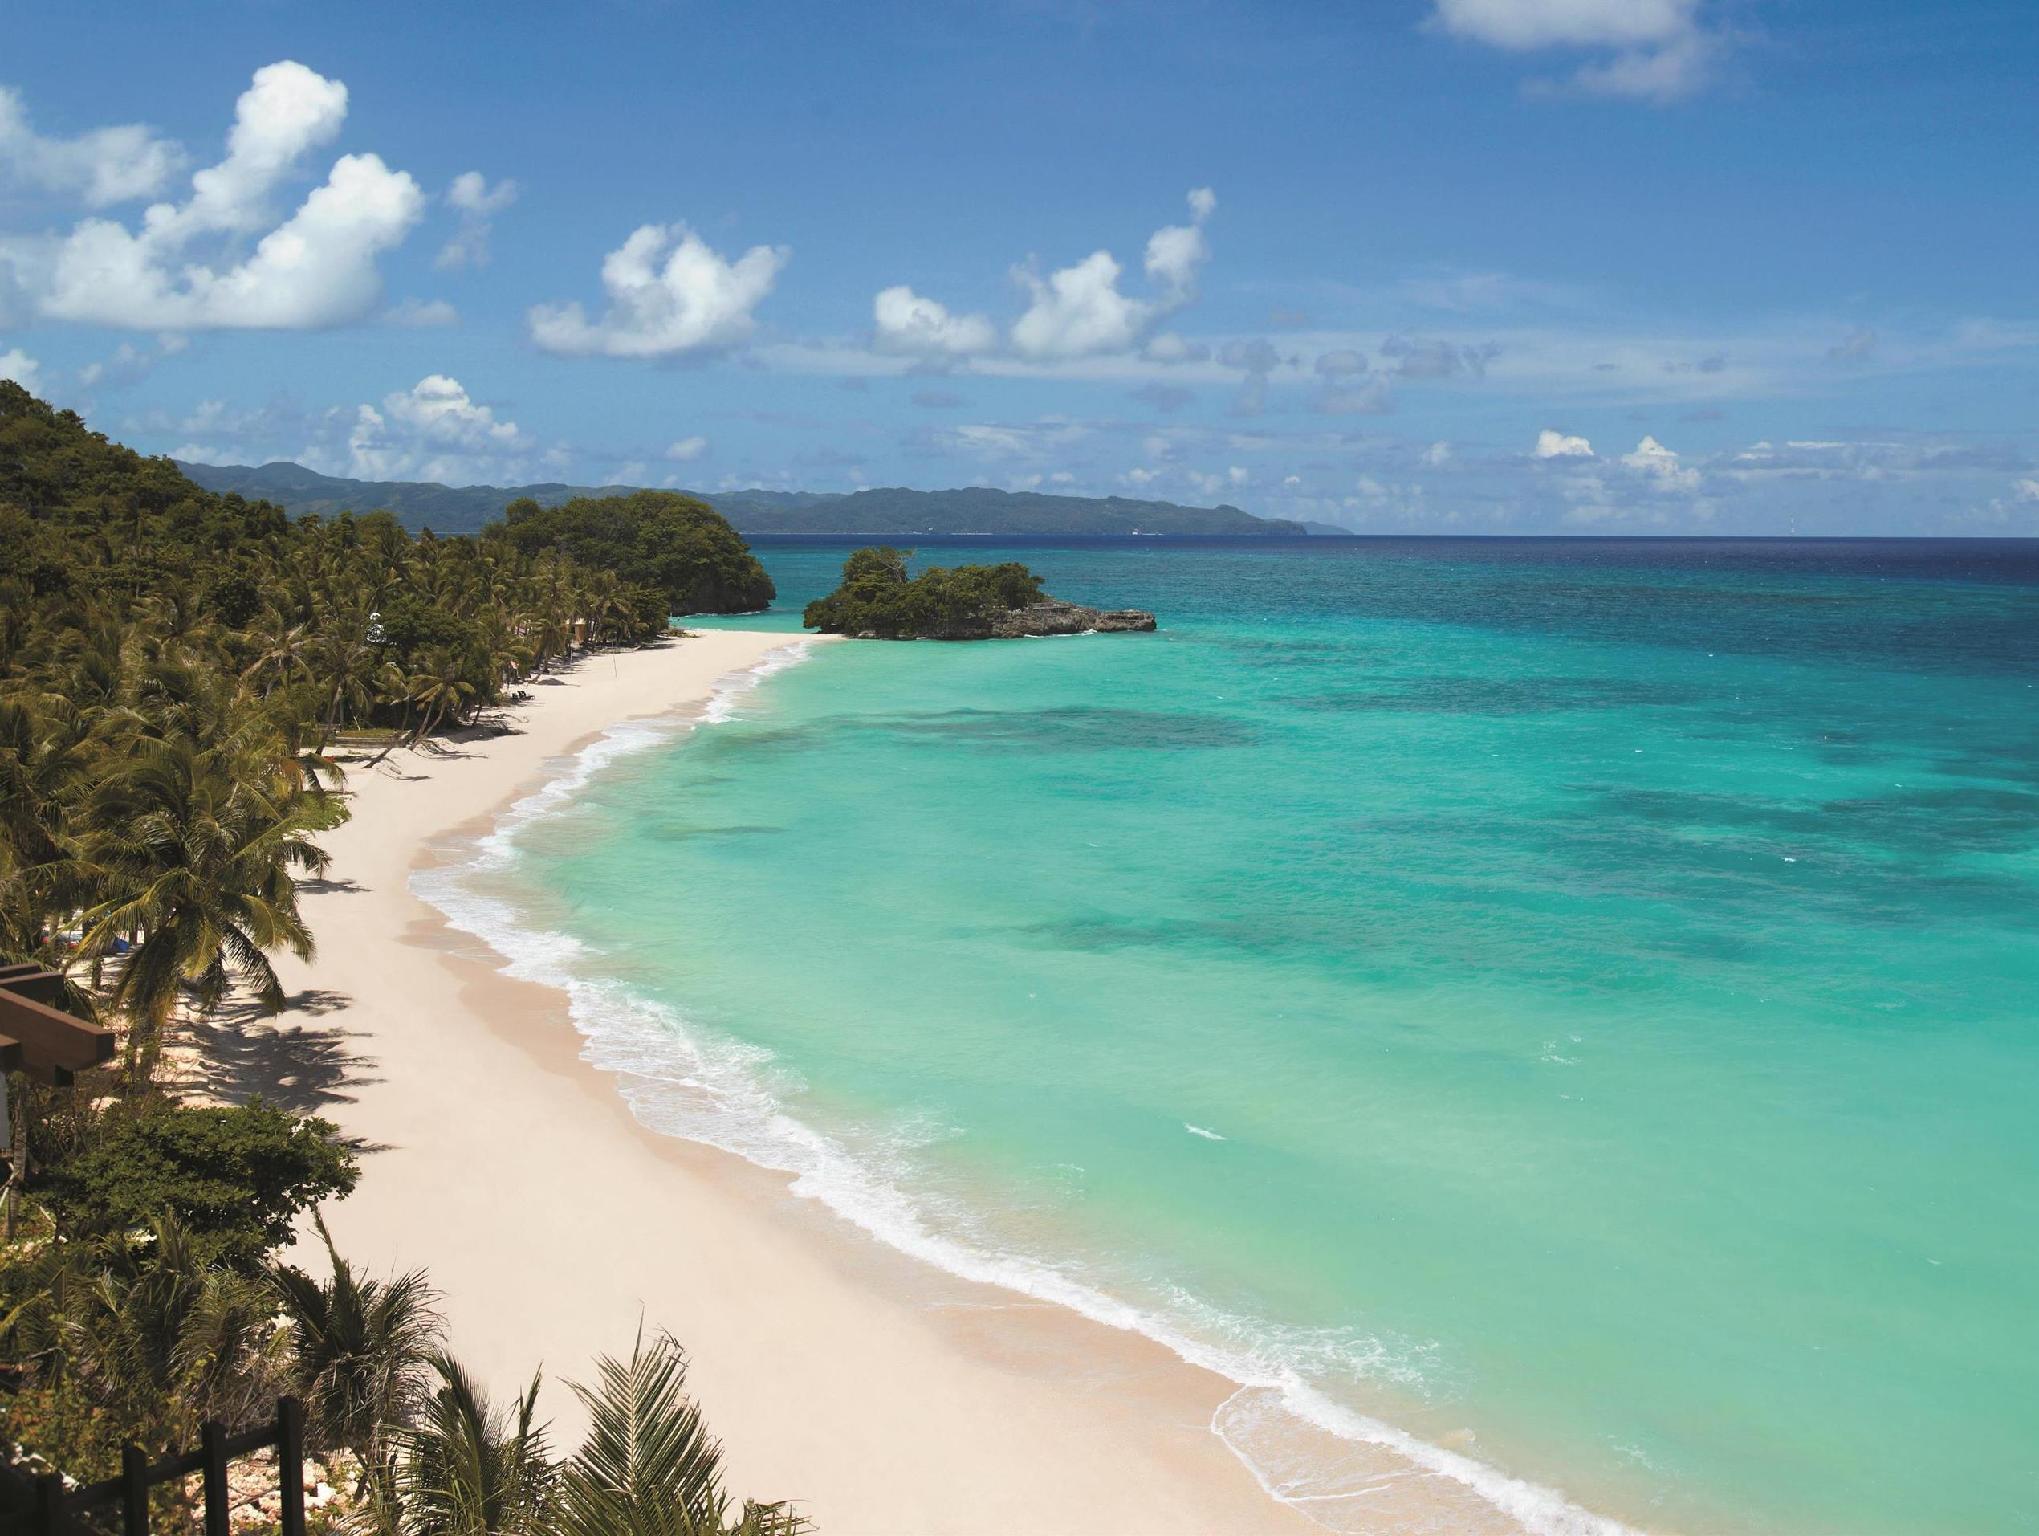 Beliebte Hotels auf Boracay - nach Lage & Budget sortiert